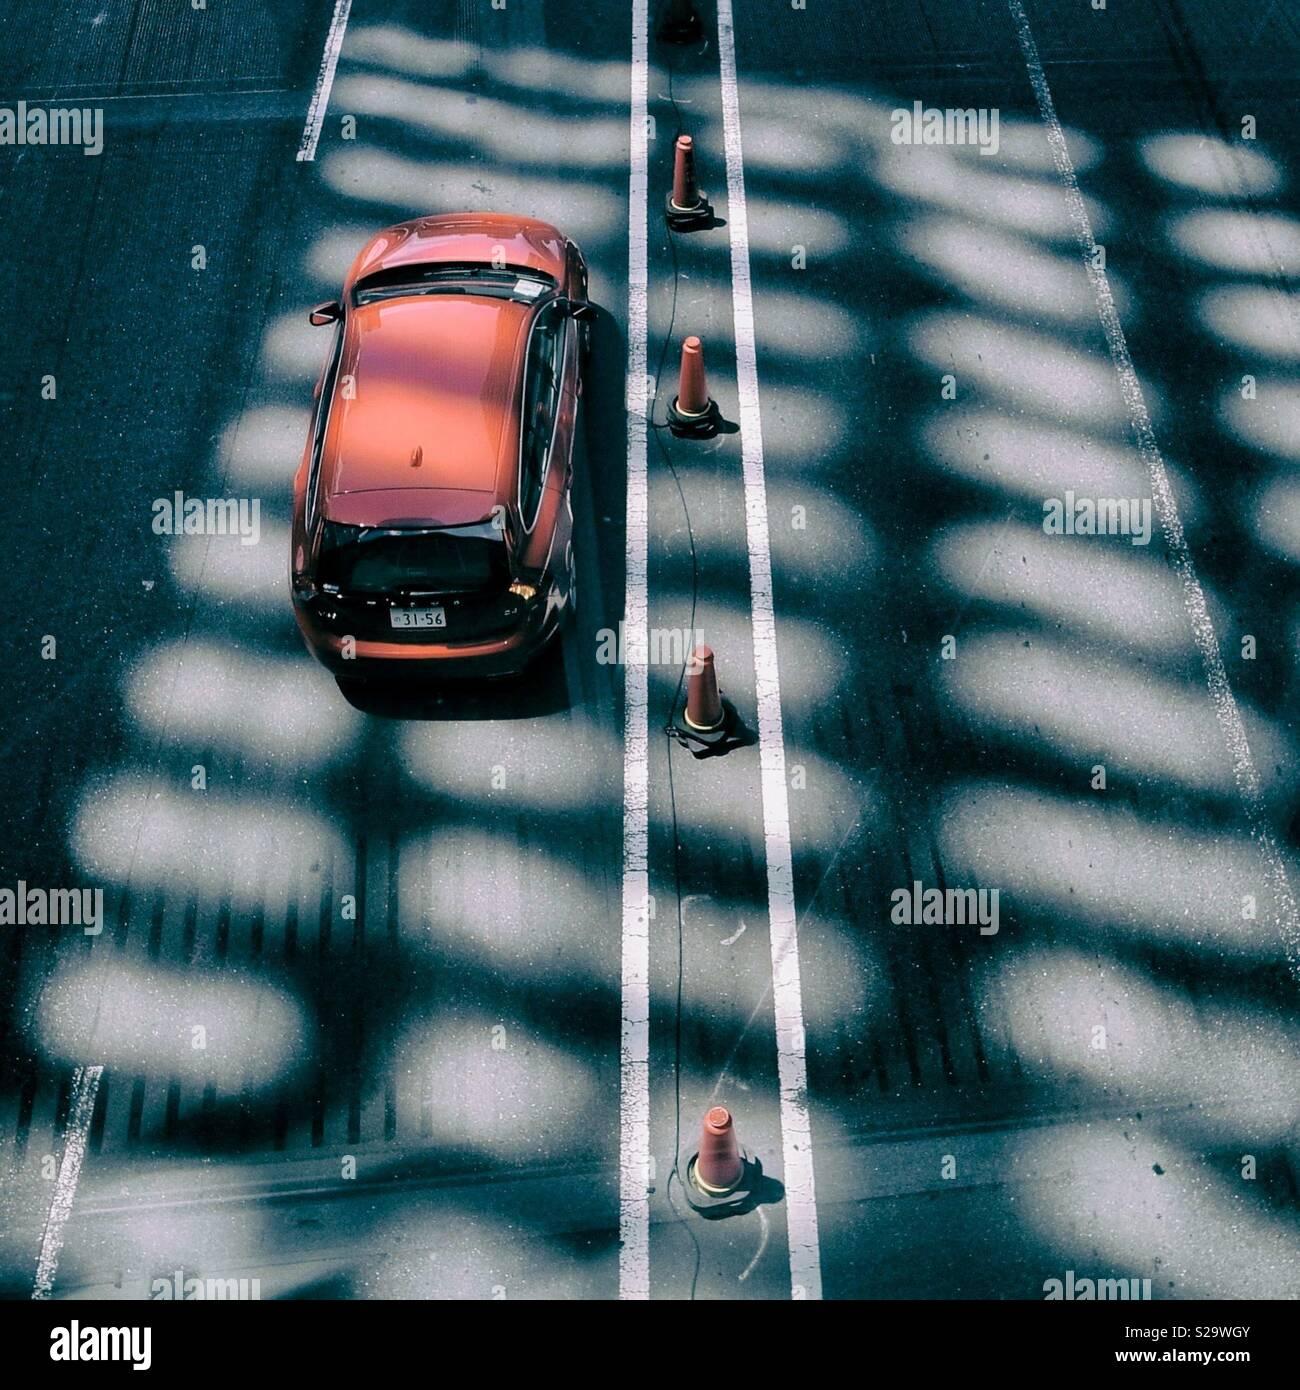 Un auto rossa passa coni stradali e le ombre. Prospettiva aerea Immagini Stock